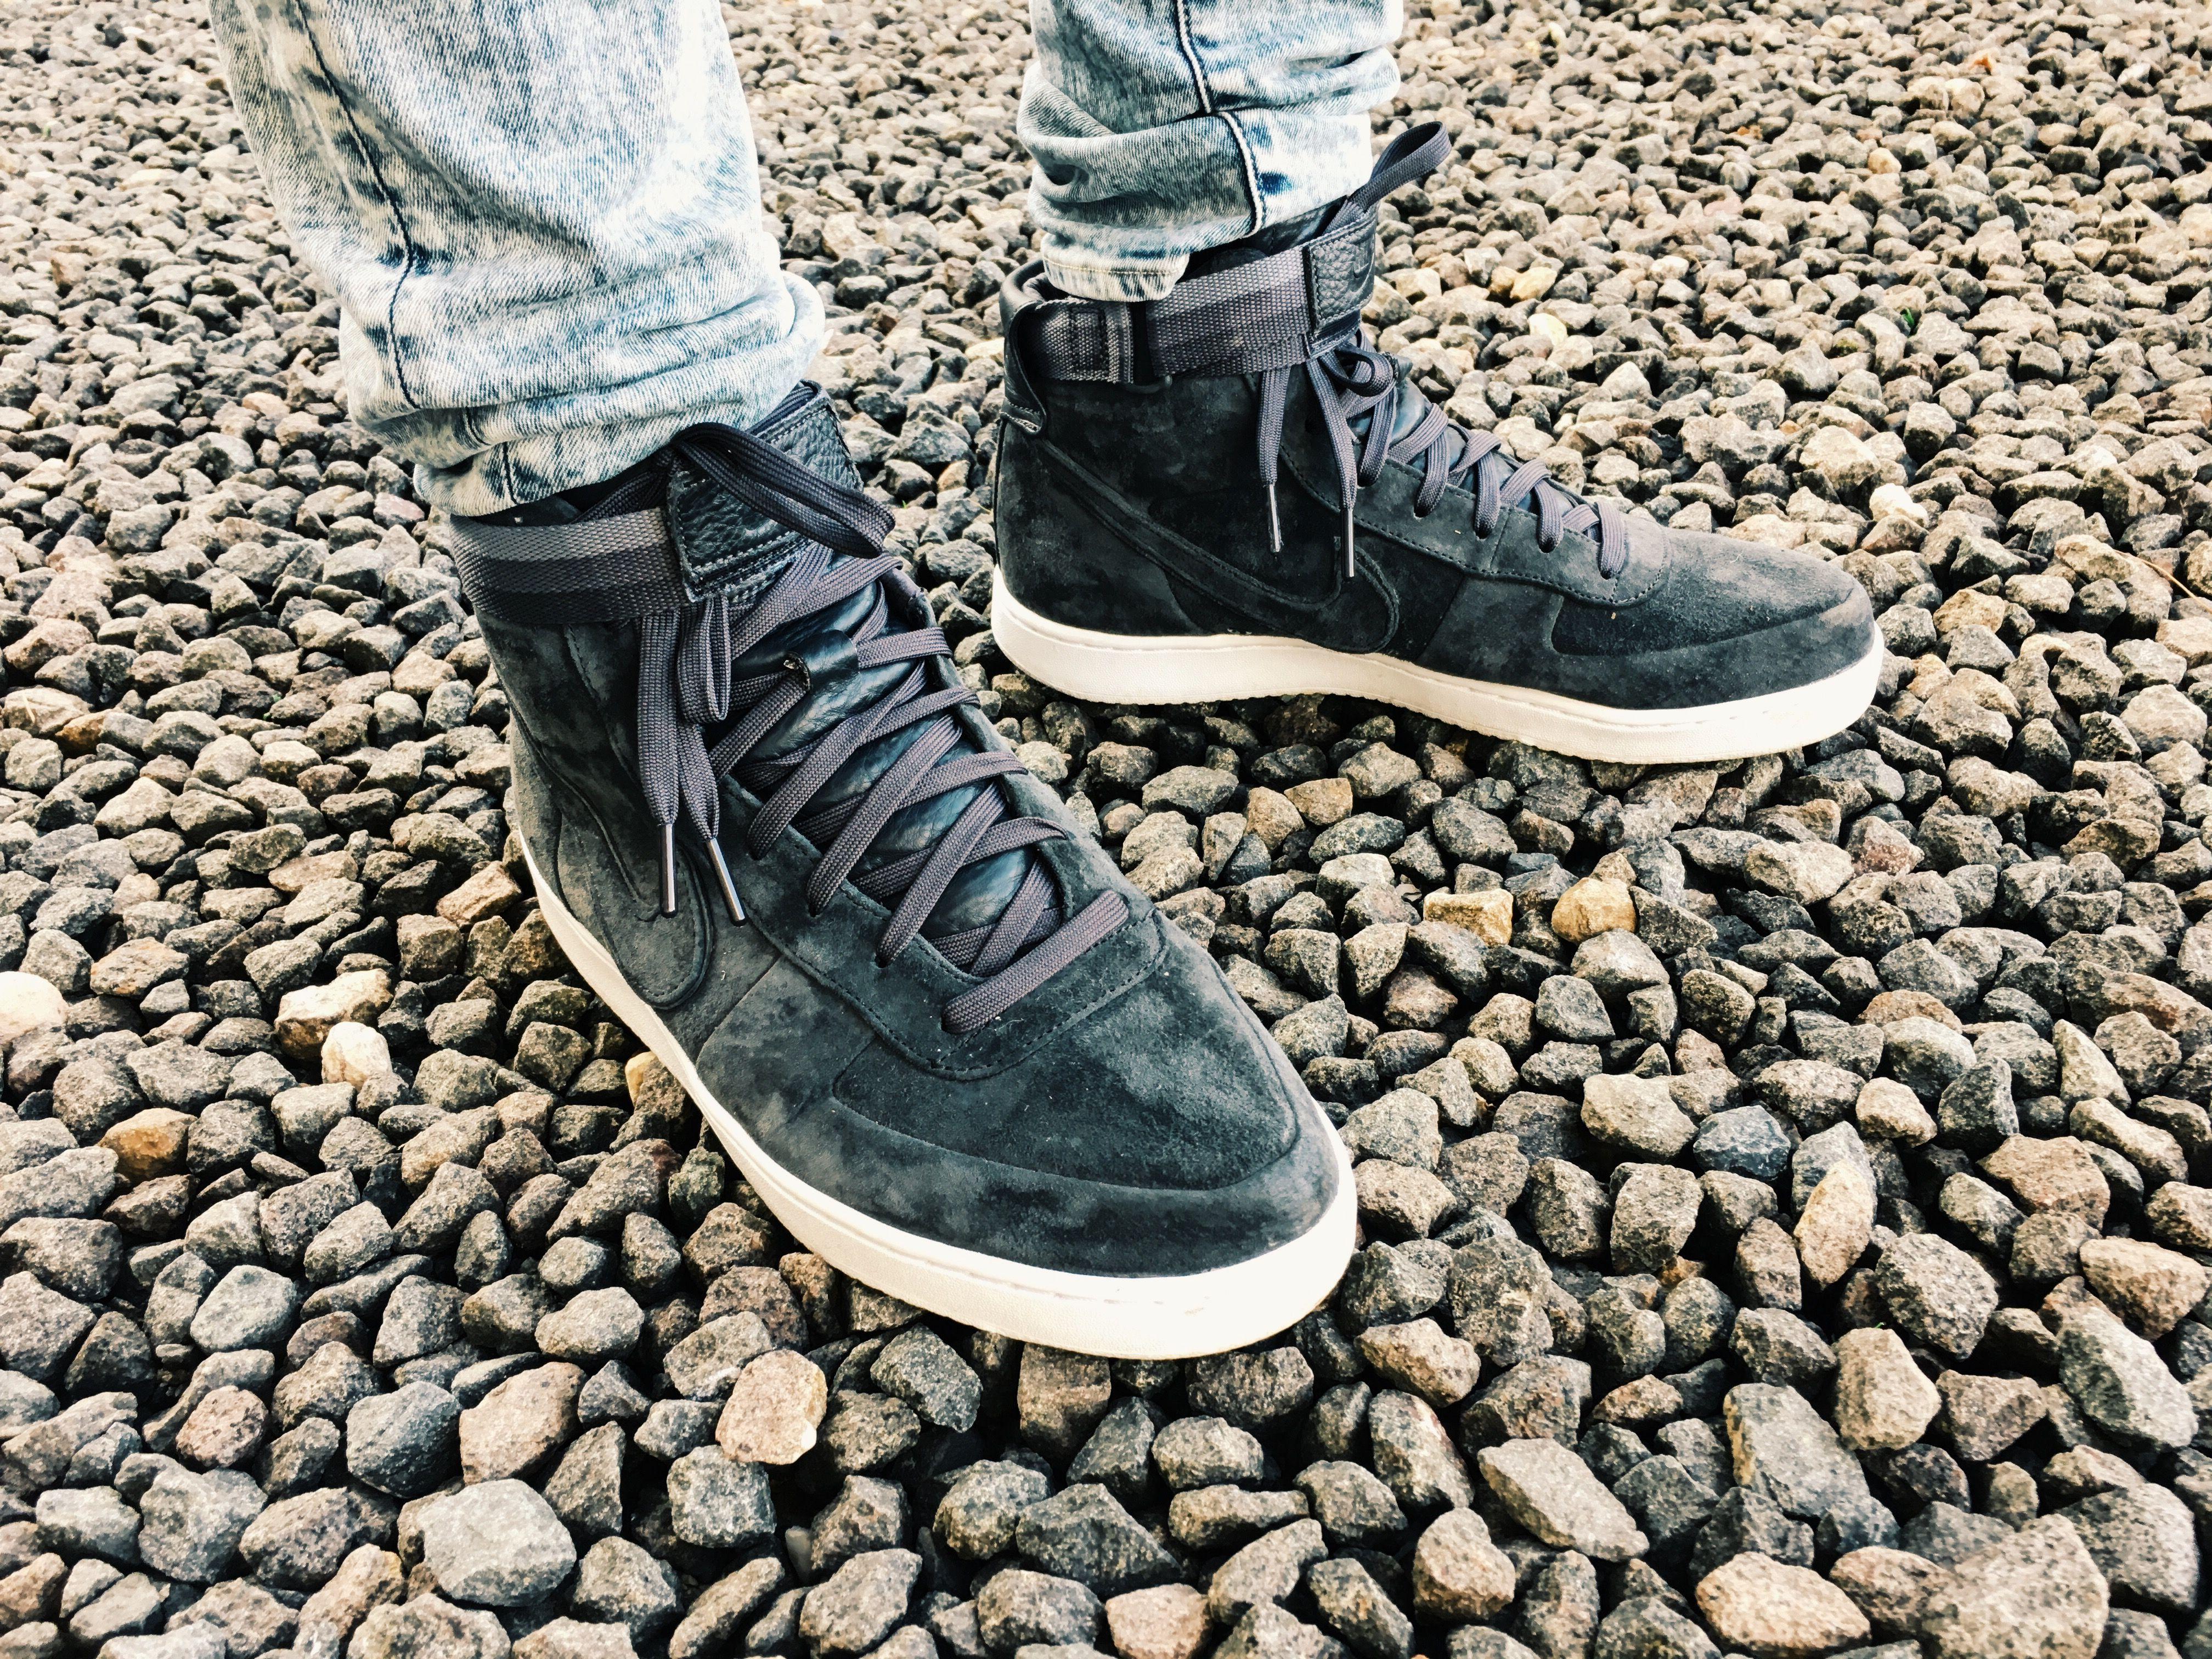 NIKE x John Elliott Vandal High PRM Anthracite on feet